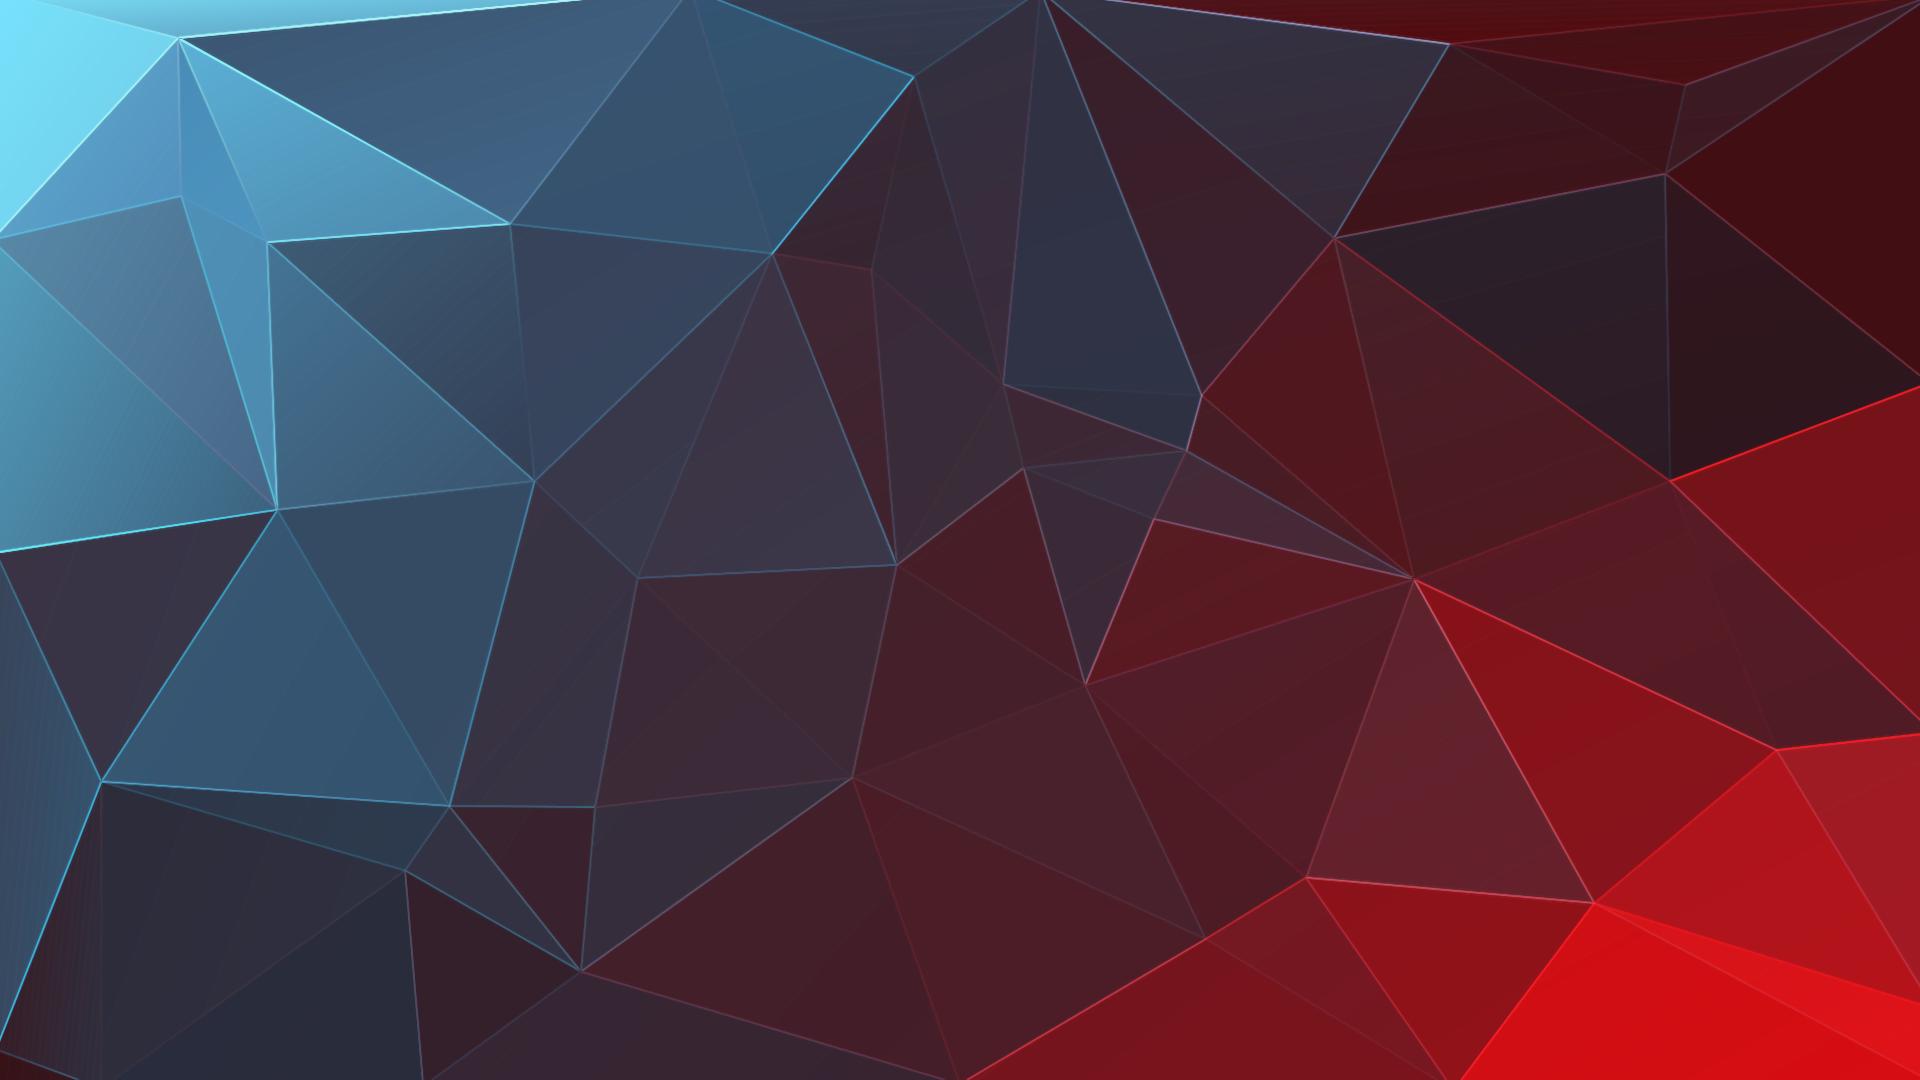 Triangulation by RegusMartin